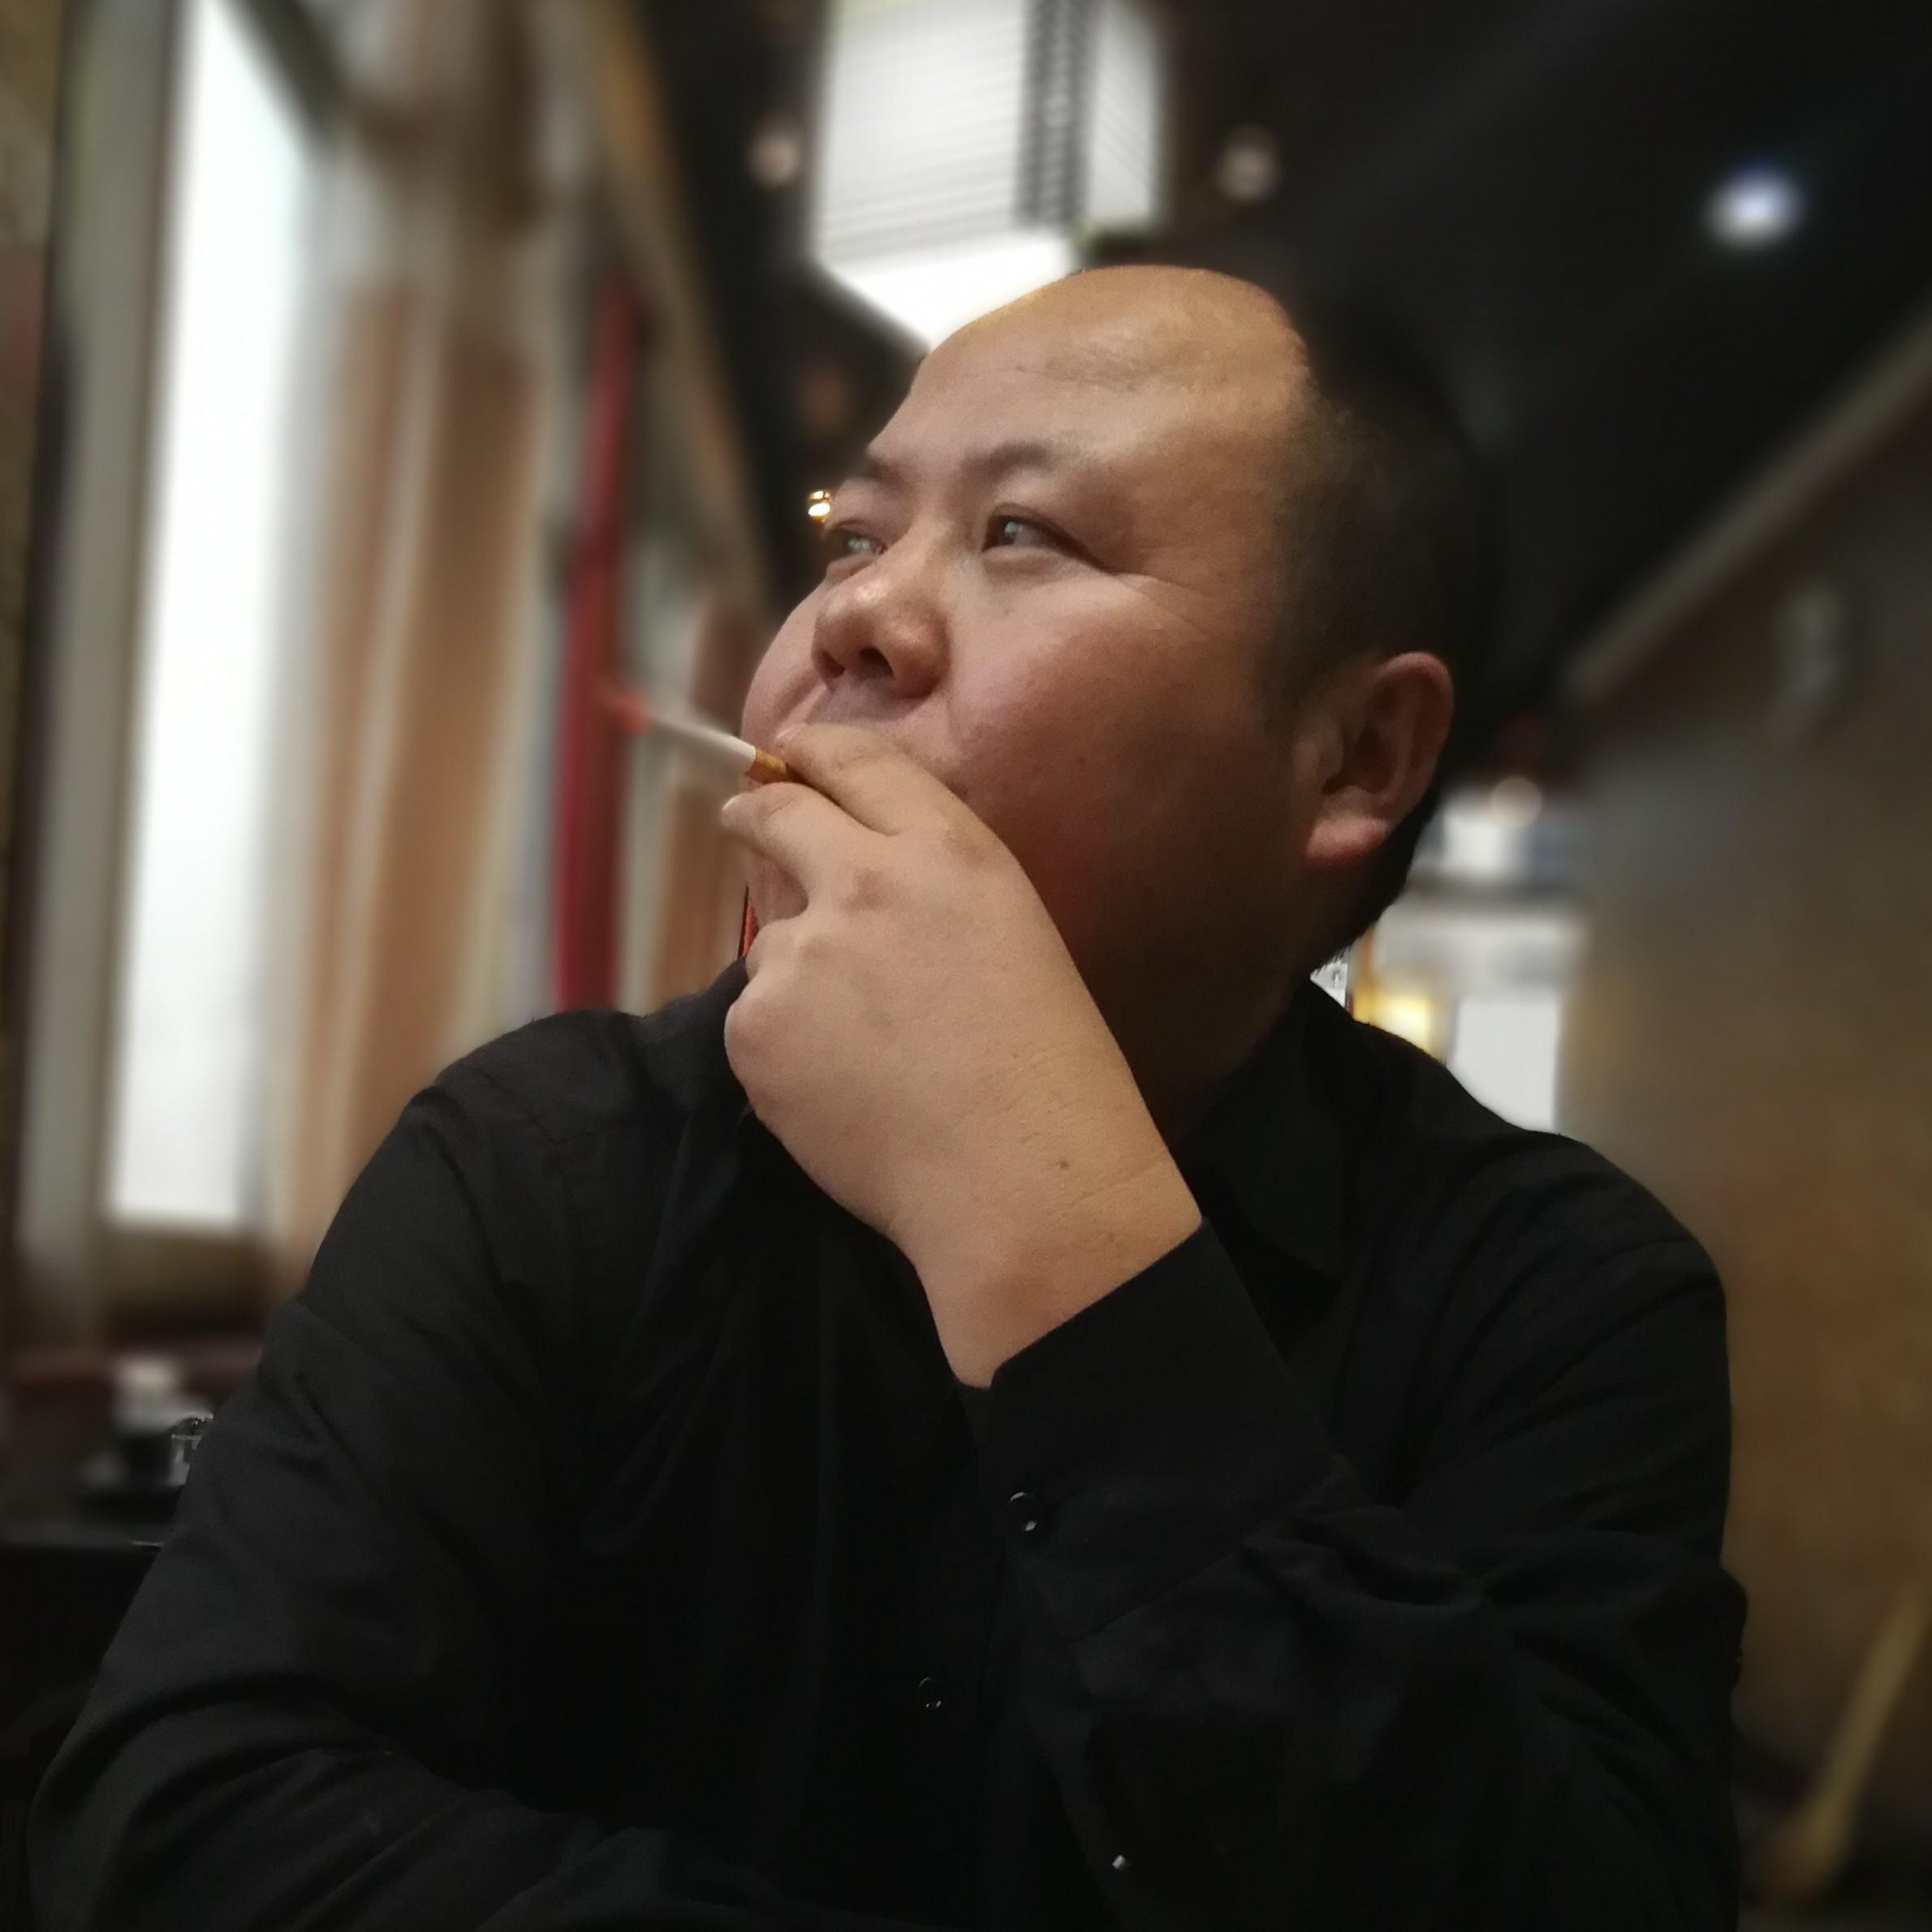 益海嘉里食品营销有限公司西安分公司营业所县城主任张雷华照片